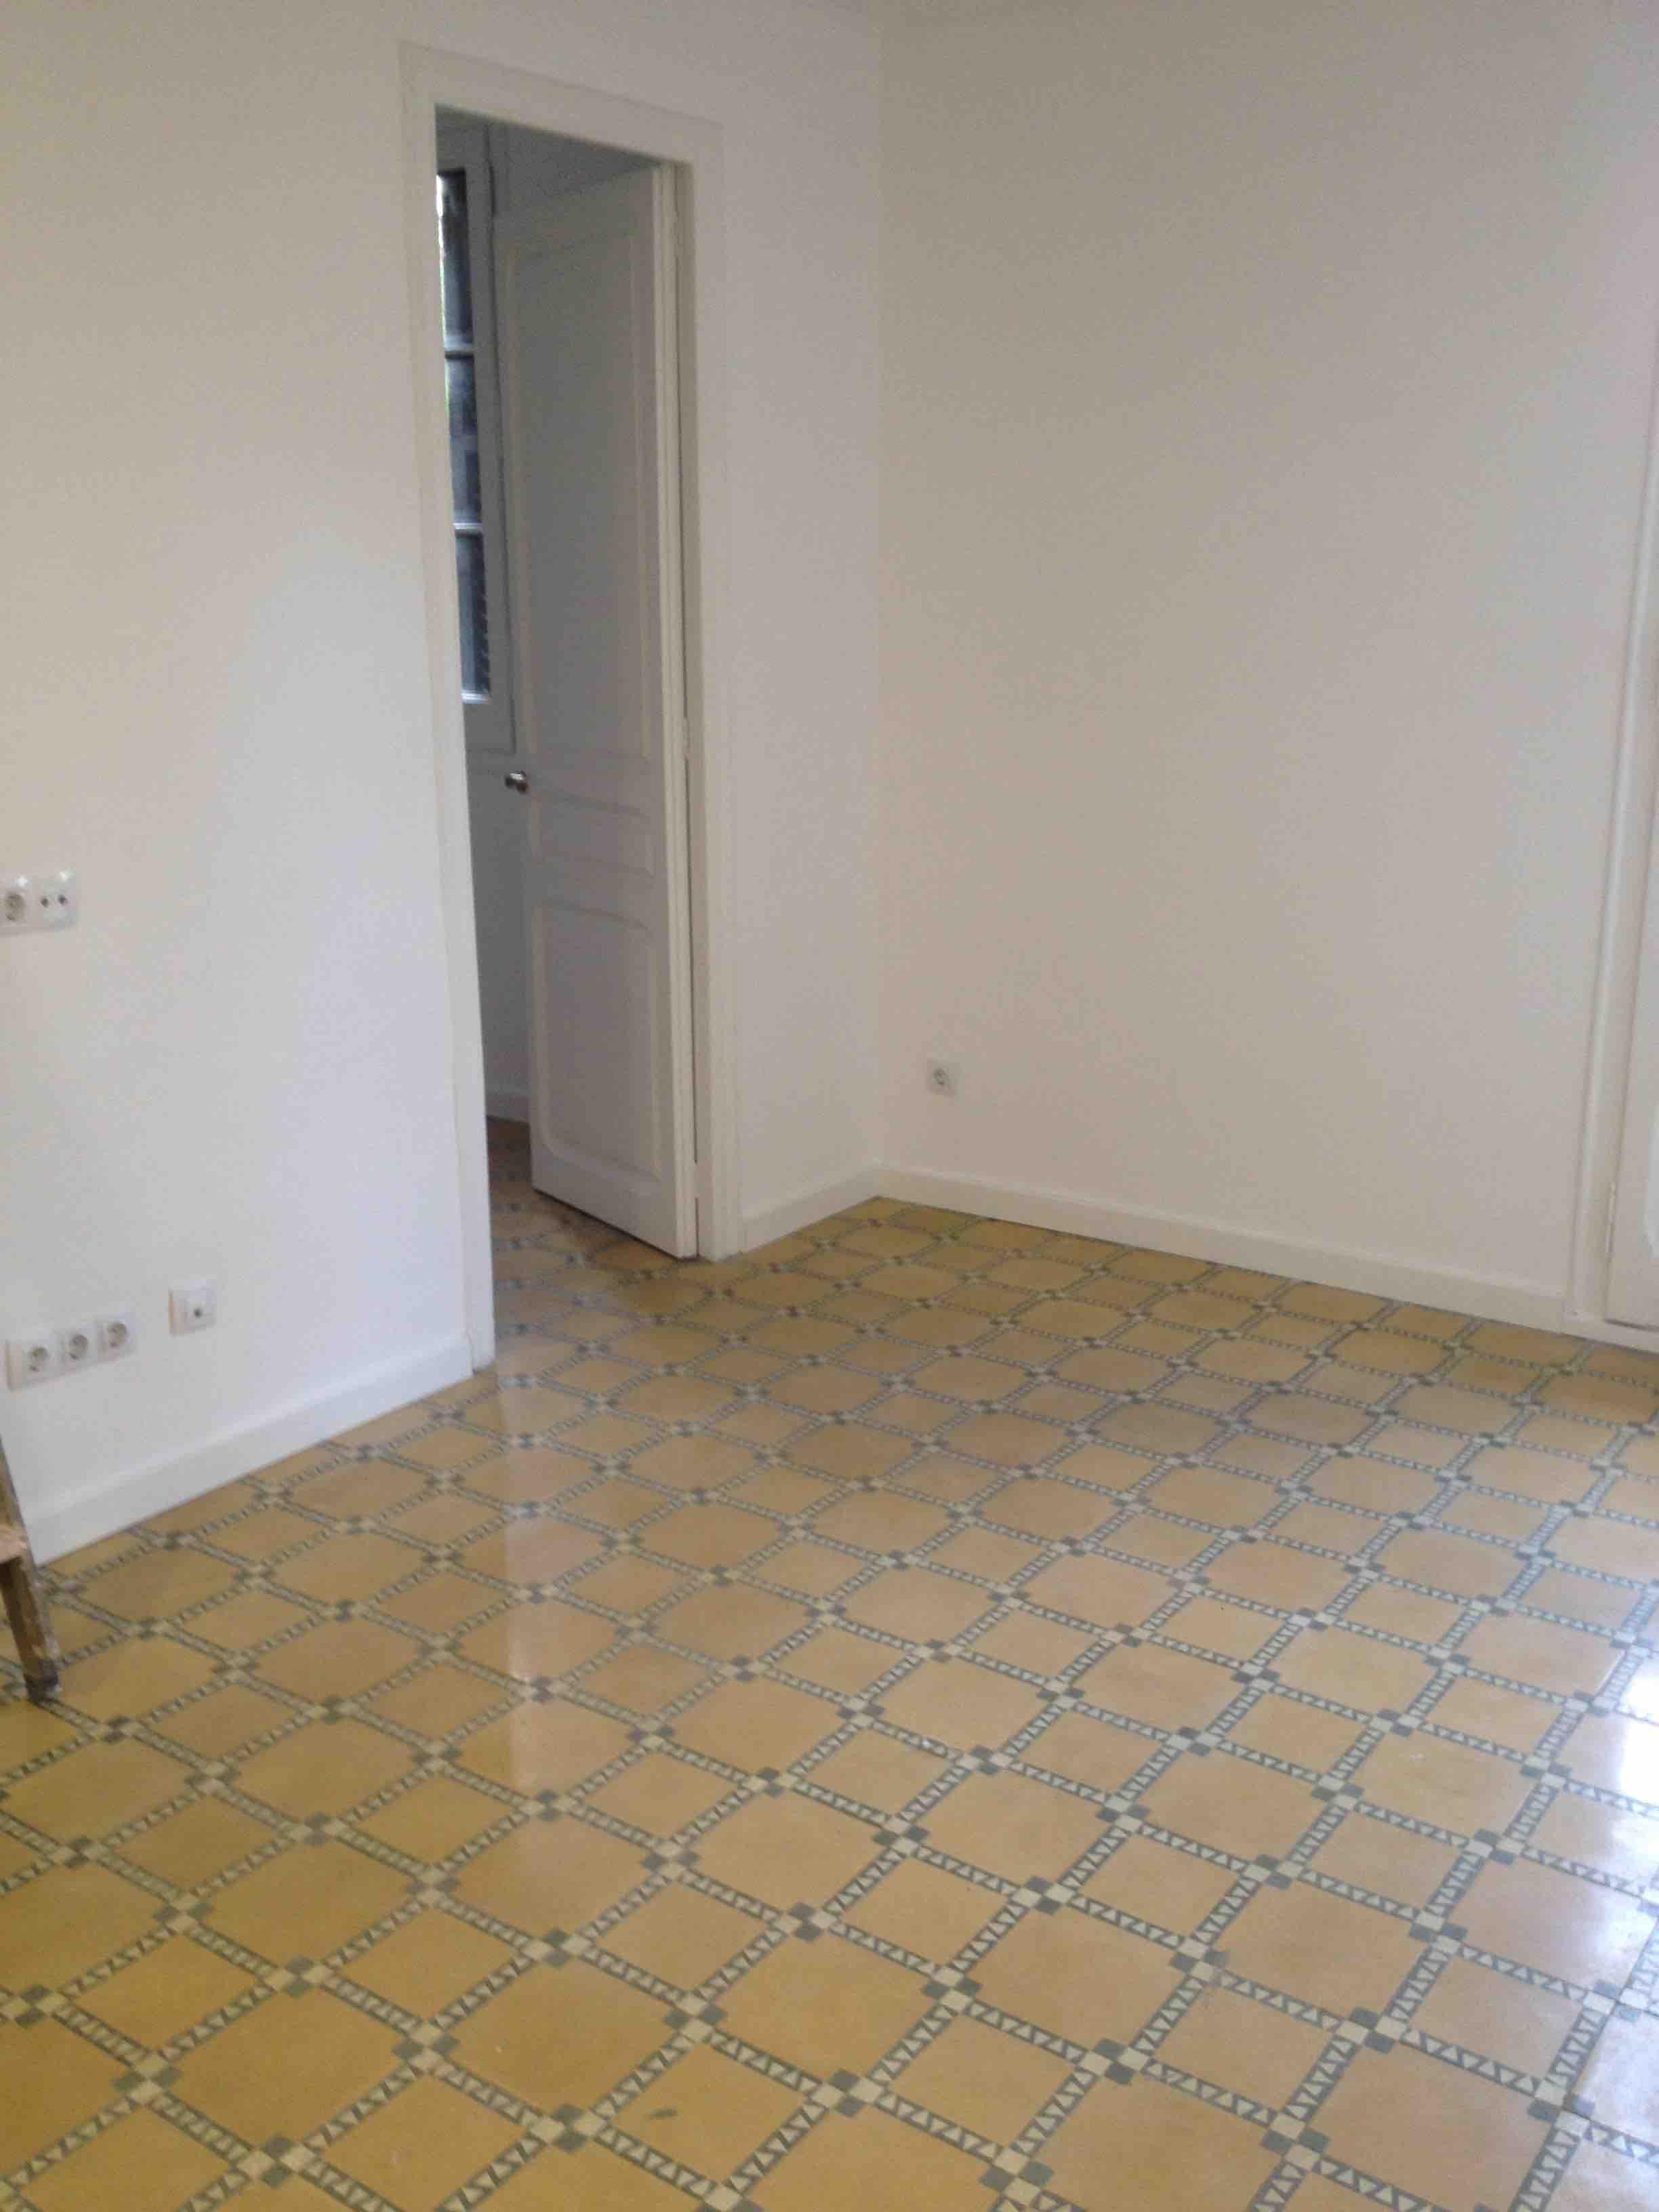 Cuanto cuesta amueblar un piso perfect muebles baratos for Amueblar piso completo ikea